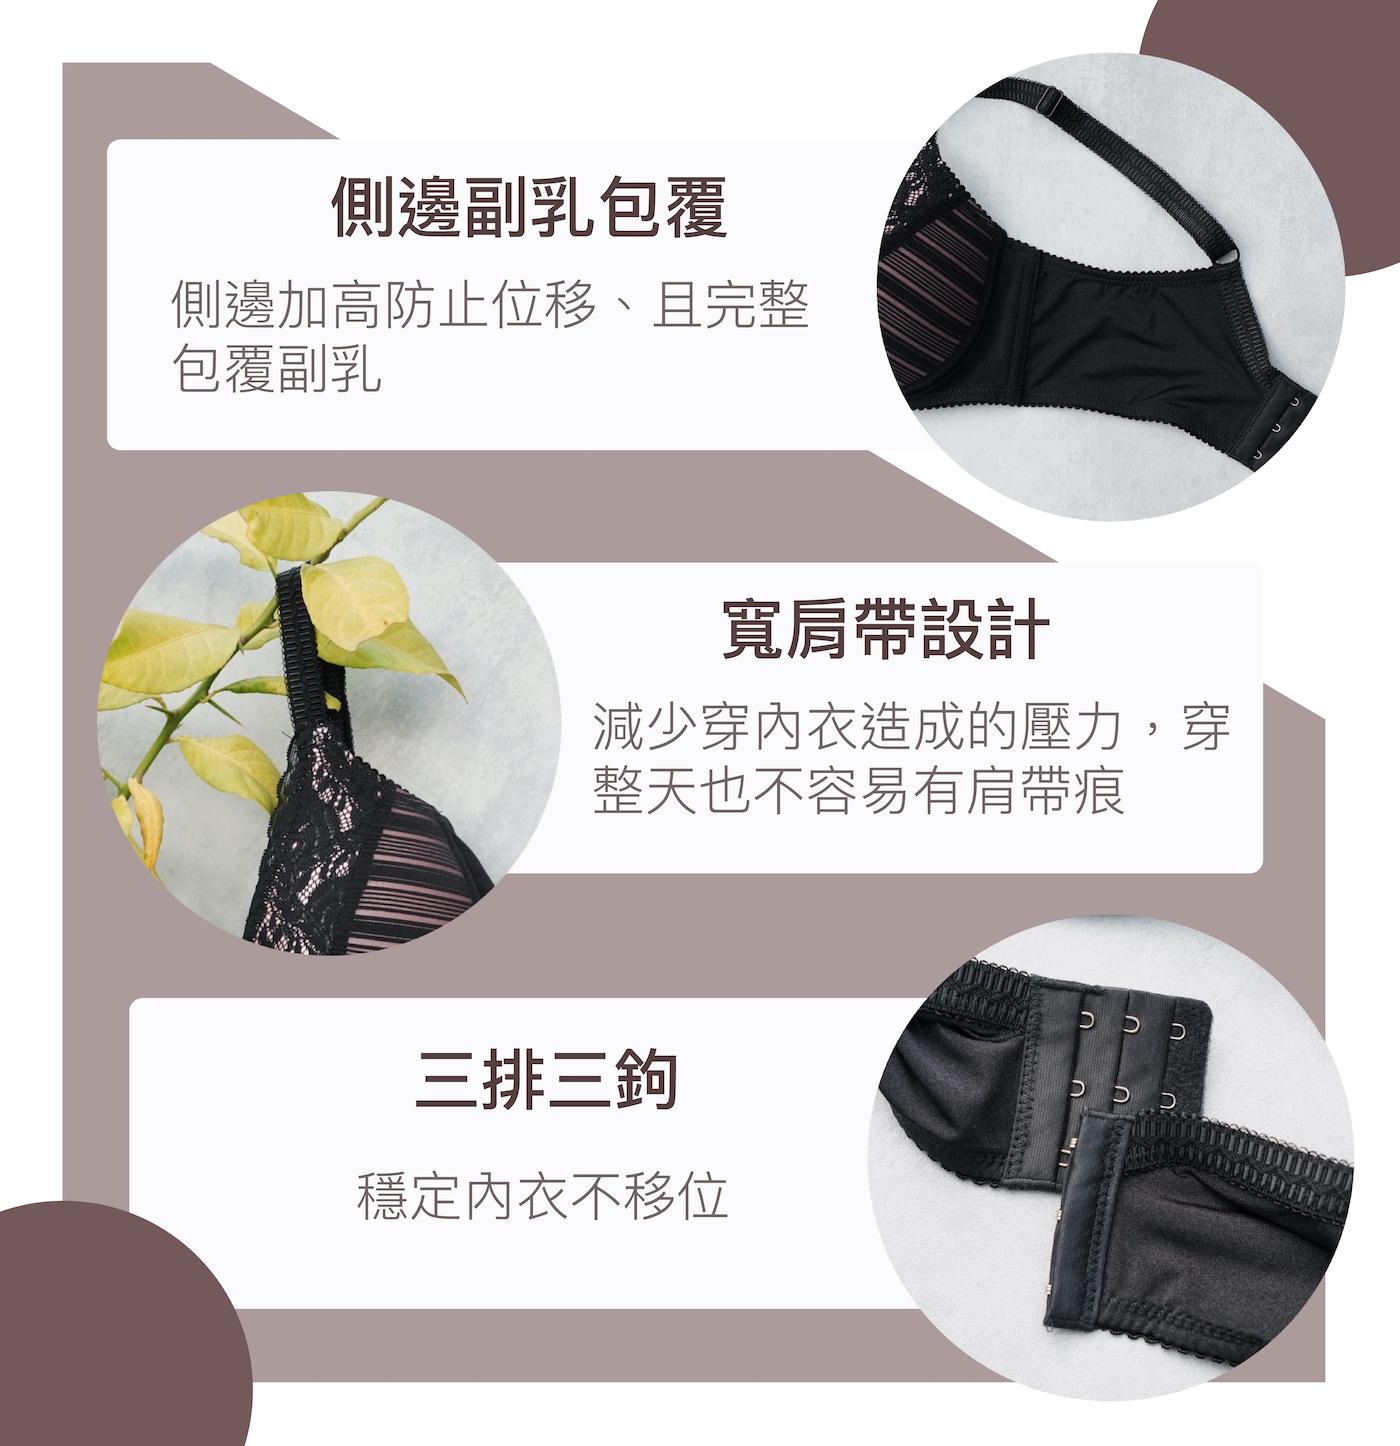 寬肩帶設計,減少穿內衣造成的壓力,穿整天也不容易有肩帶痕